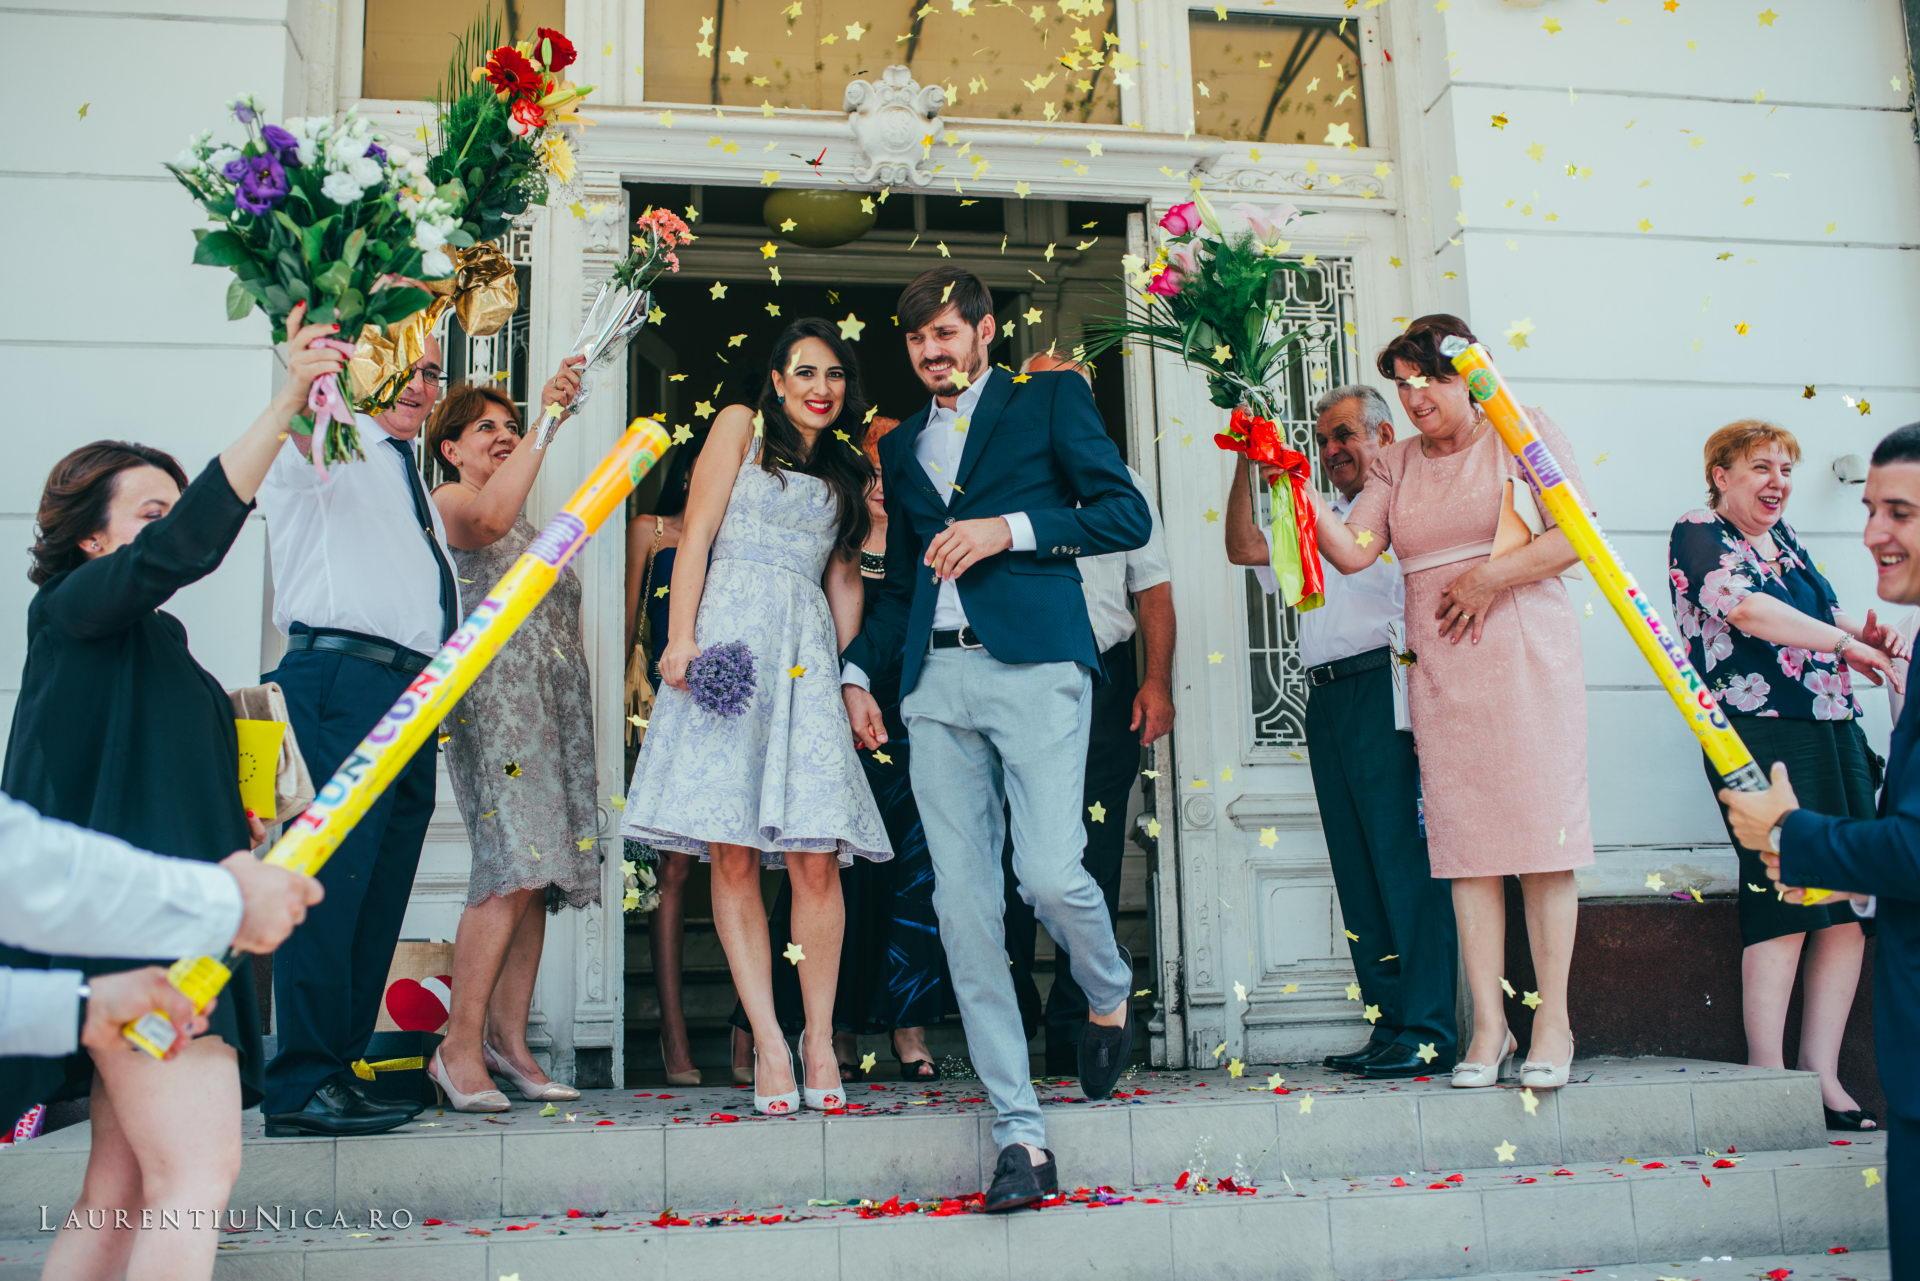 Cristina si Ovidiu nunta Craiova fotograf laurentiu nica 016 - Cristina & Ovidiu | Fotografii nunta | Craiova